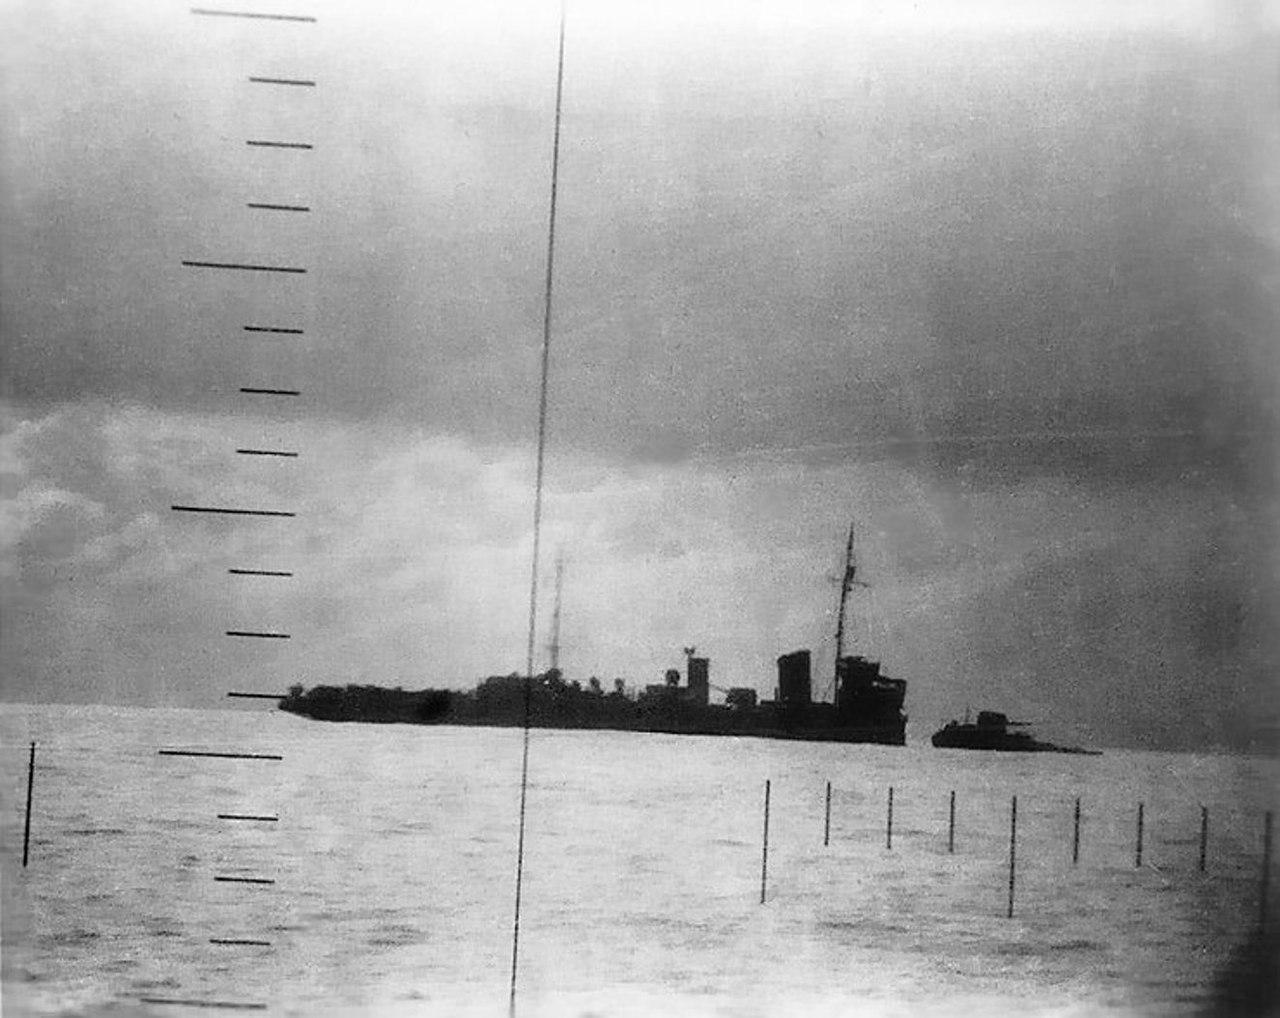 Японский патрульный корабль тонет после попадания торпеды, выпущенной с американской подлодки «Сивулф», 23 апреля 1943 г.